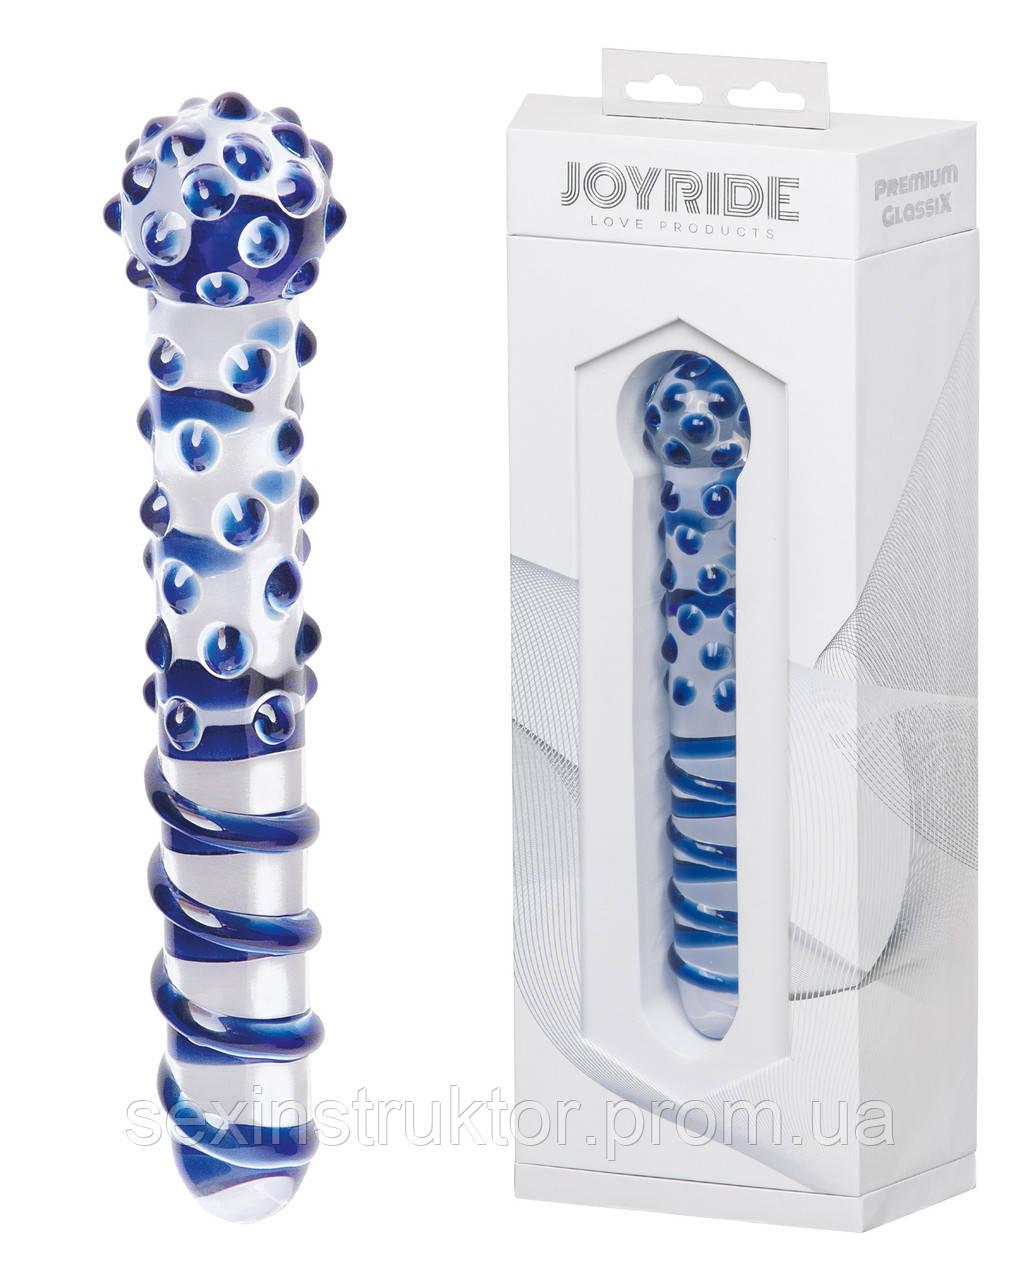 Стеклянный фаллоимитатор - JOYRIDE Premium GlassiX 07